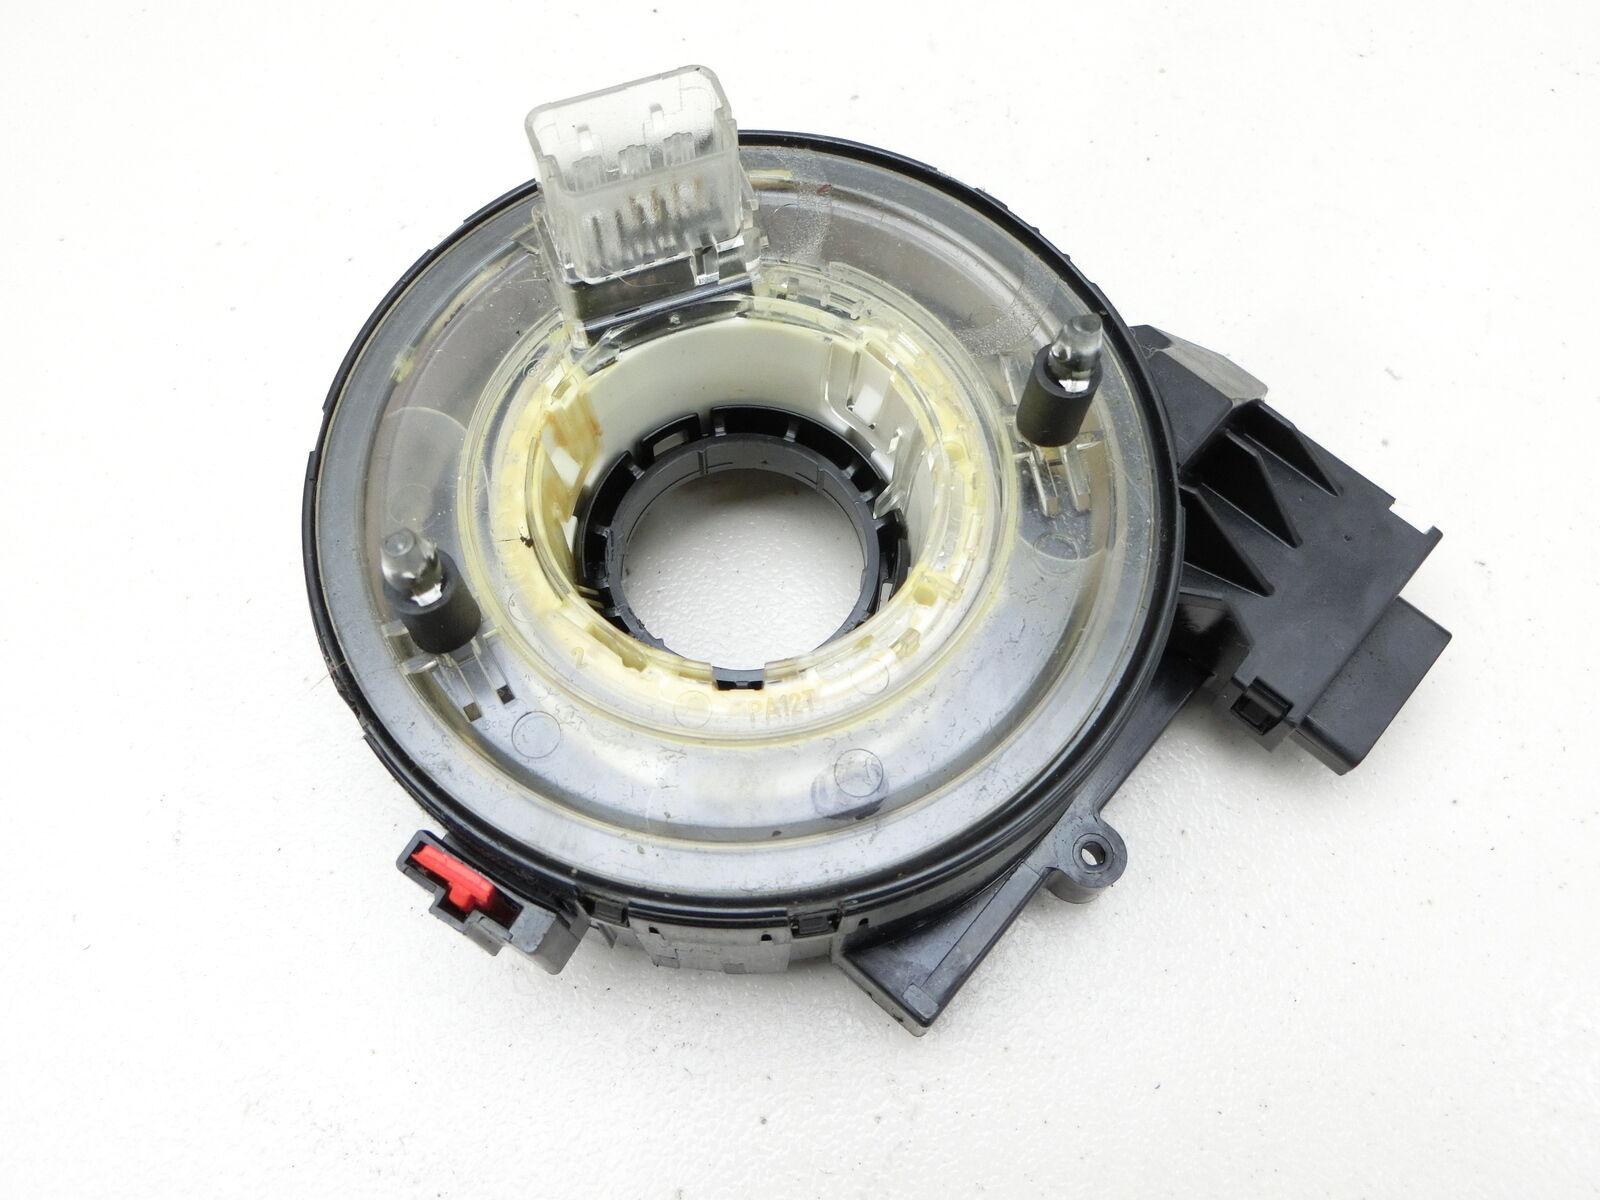 Airbag Schleifring Wickelfeder für VW Caddy 2K III 03-10 1K0959653C